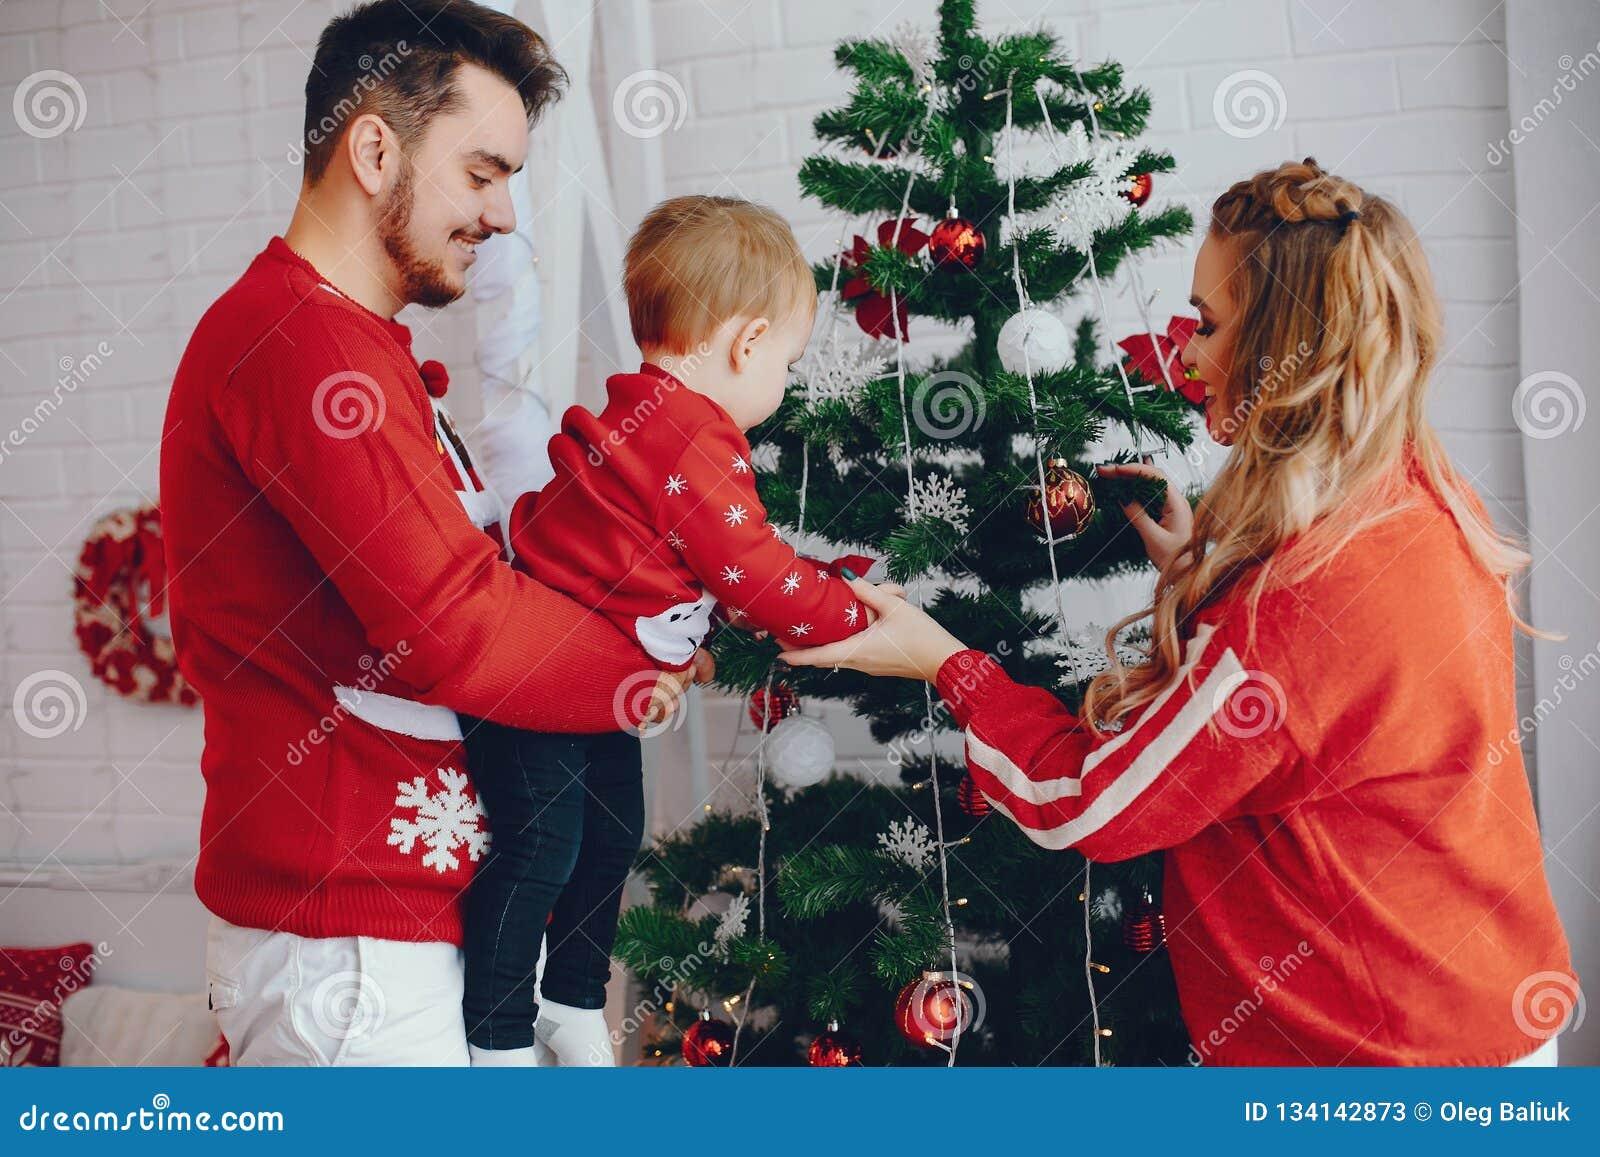 Χαριτωμένη νέα οικογένεια που στέκεται κοντά στο χριστουγεννιάτικο δέντρο